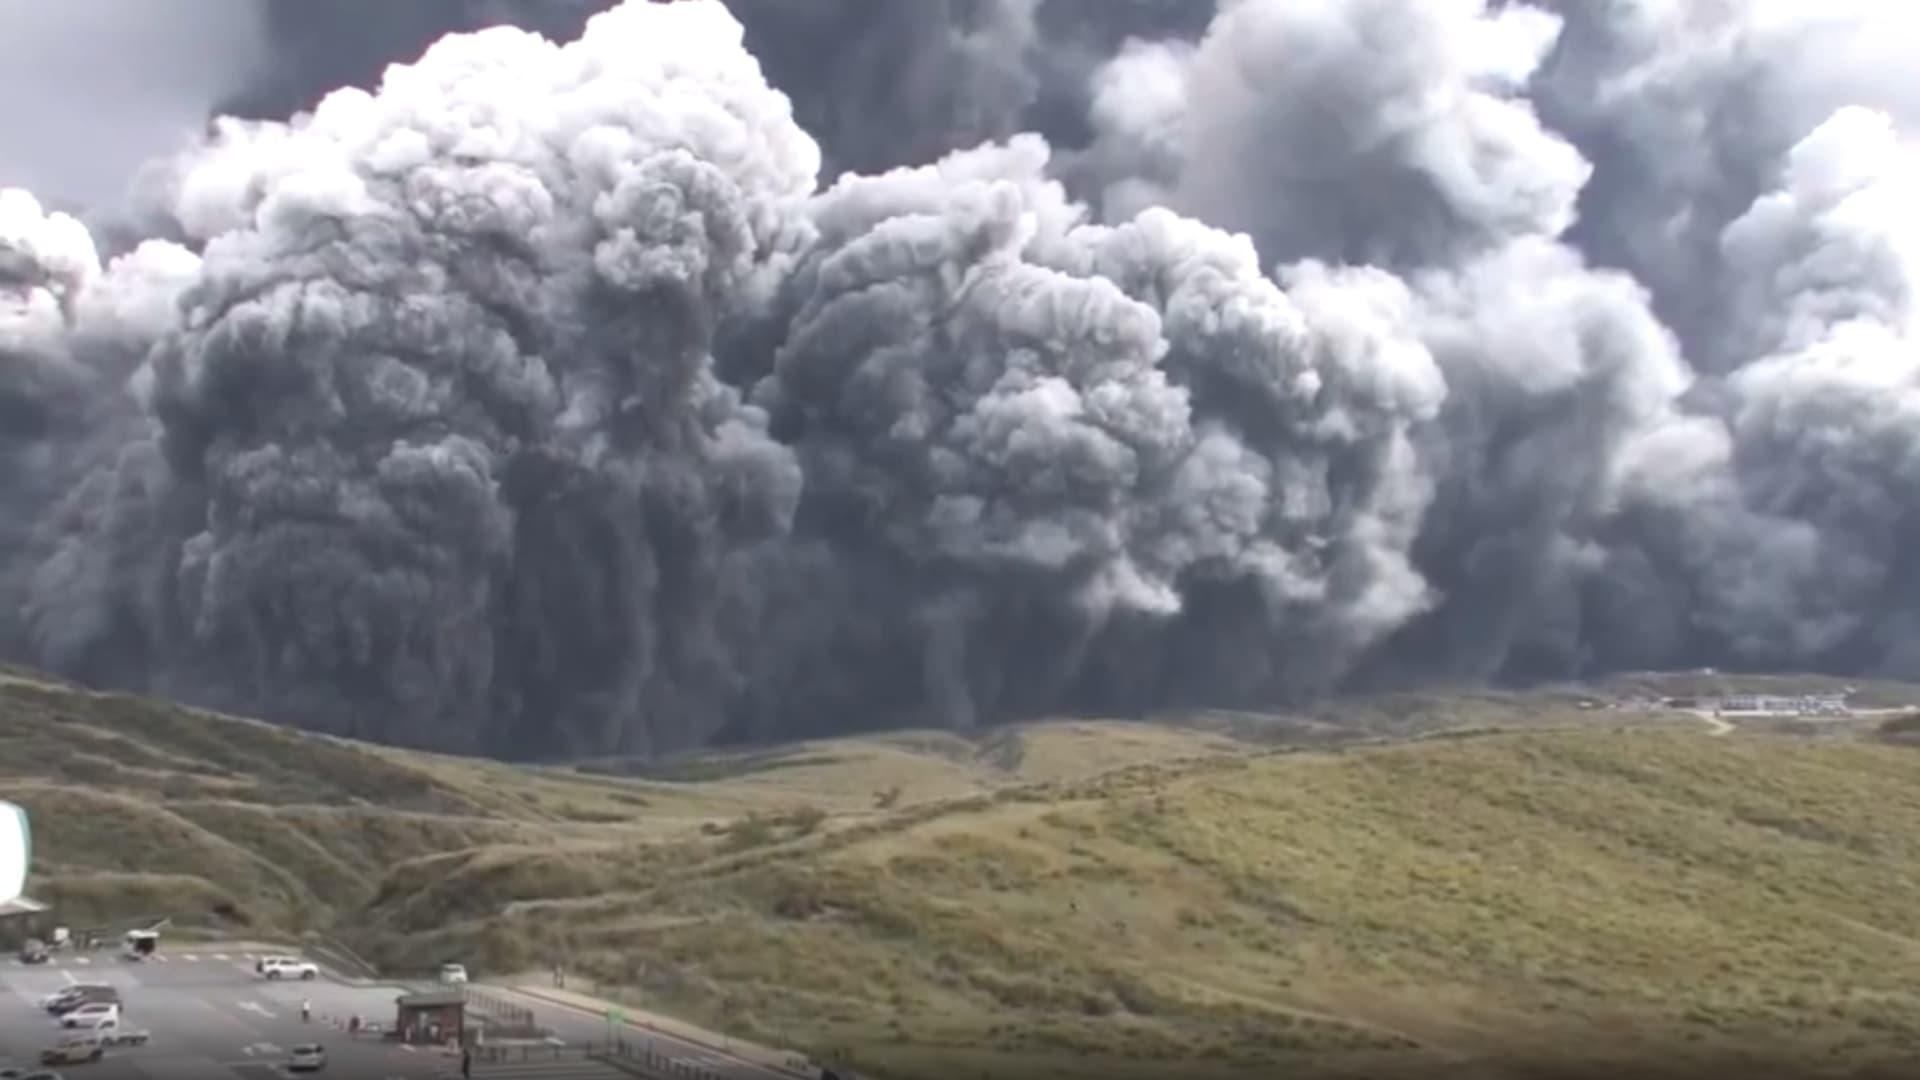 شاهد لحظة انفجار بركان جبل أسو في اليابان